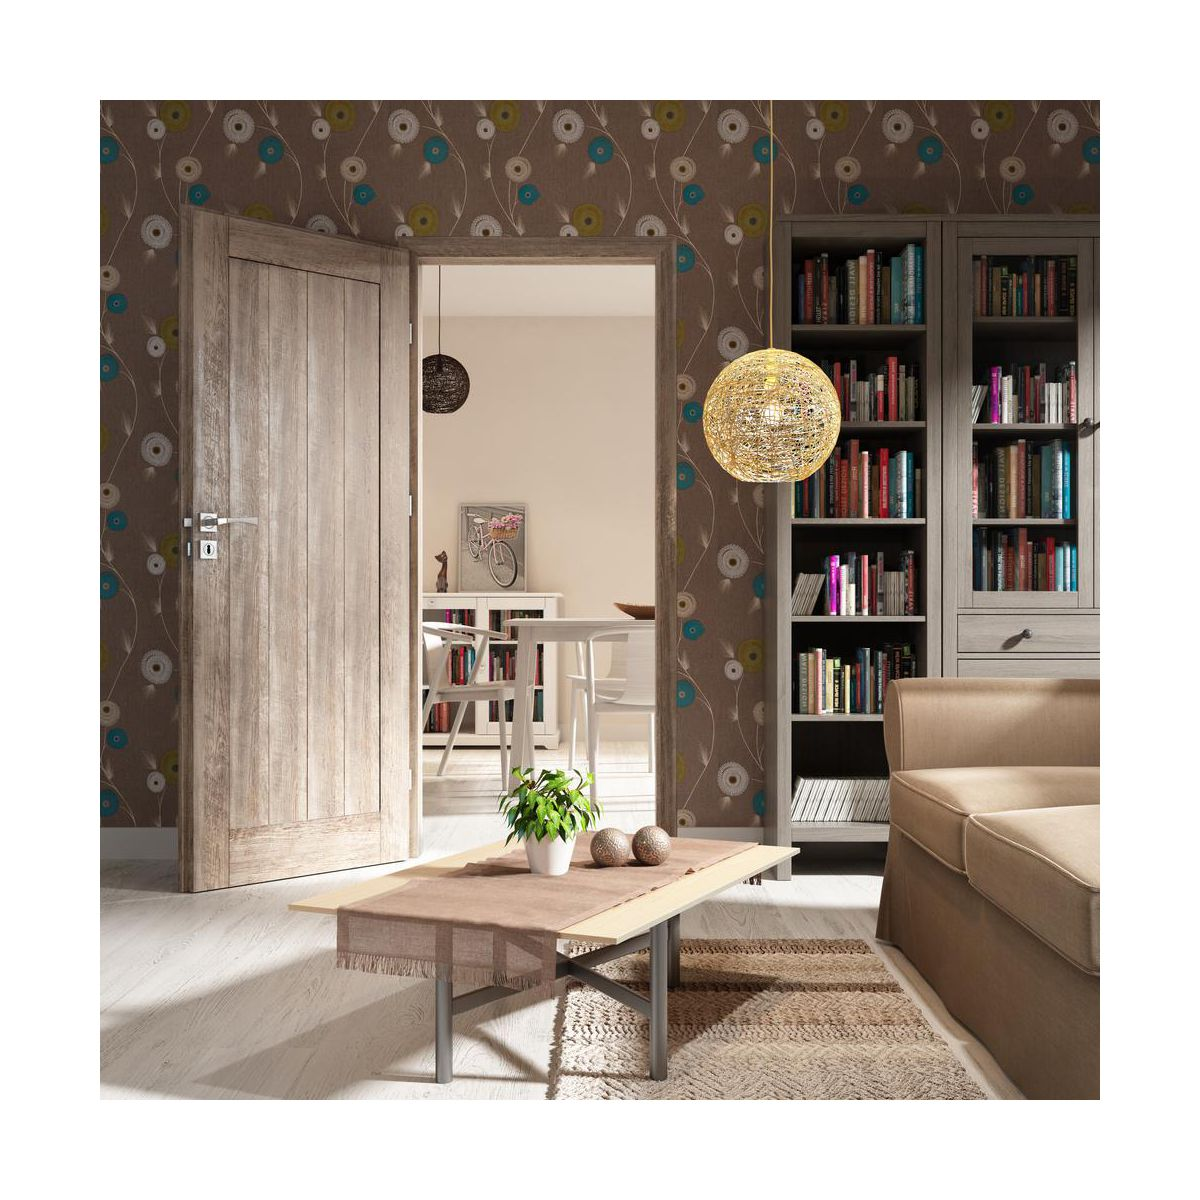 Dywan tyrol inspire dywany naturalne w atrakcyjnej cenie w sklepach leroy - Collection inspire leroy merlin ...